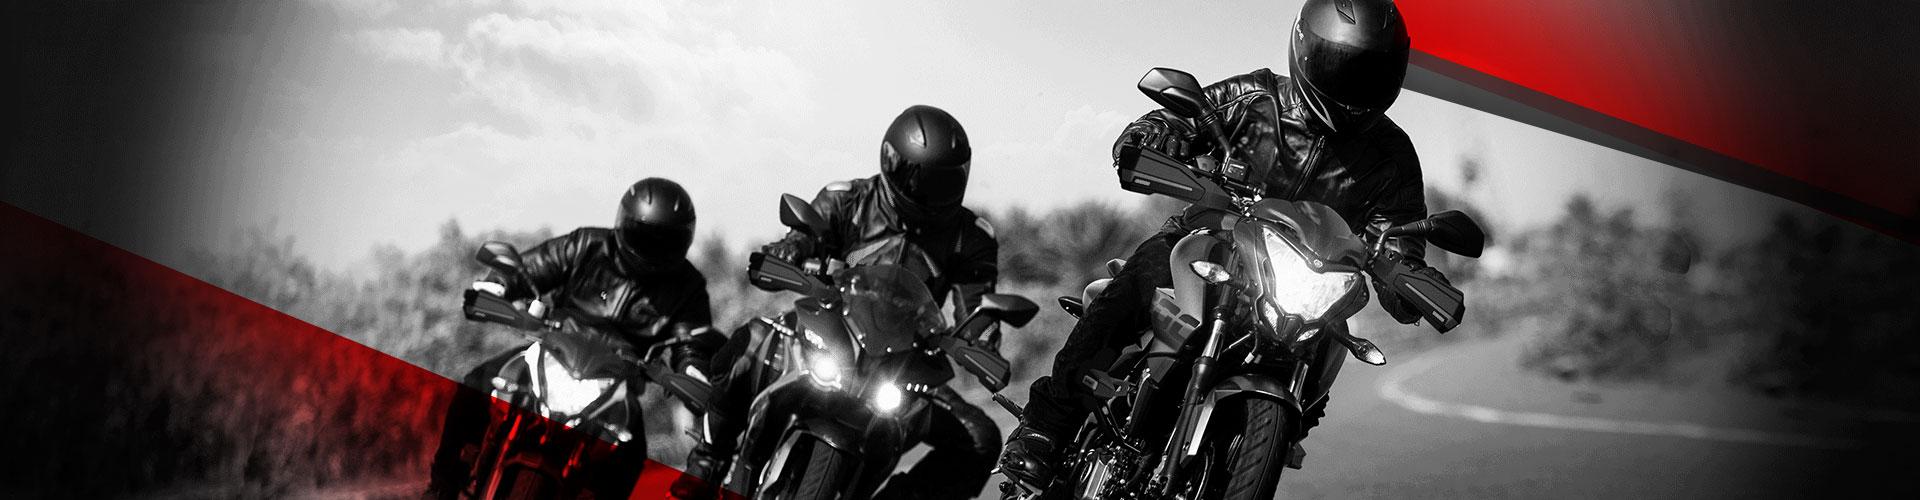 Para motos